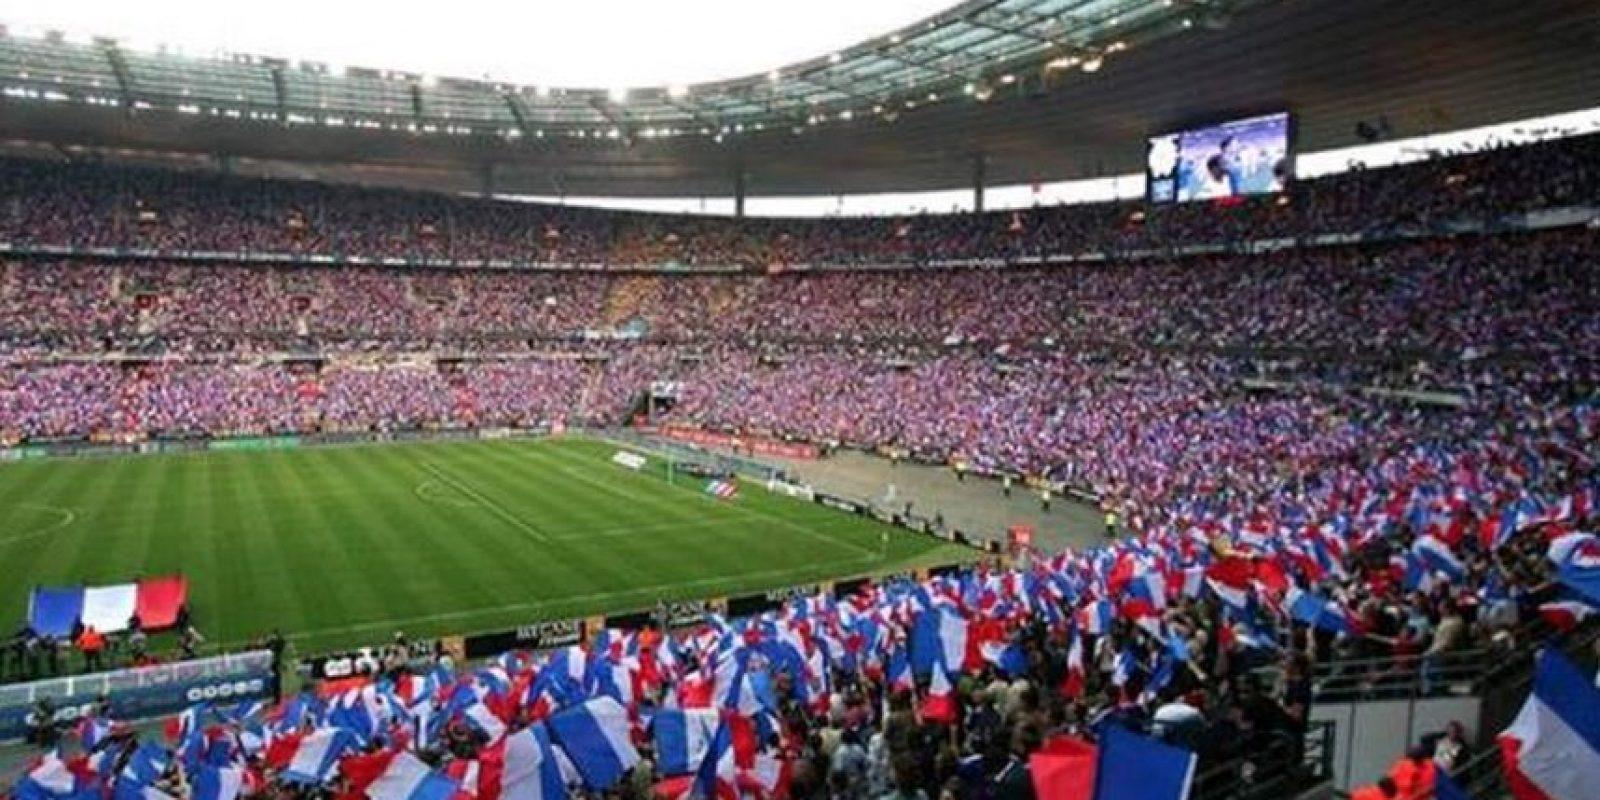 El Parque de los Príncipes es donde juega la escuadra francesa. Foto:vía facebook.com/euro2016franceactualites